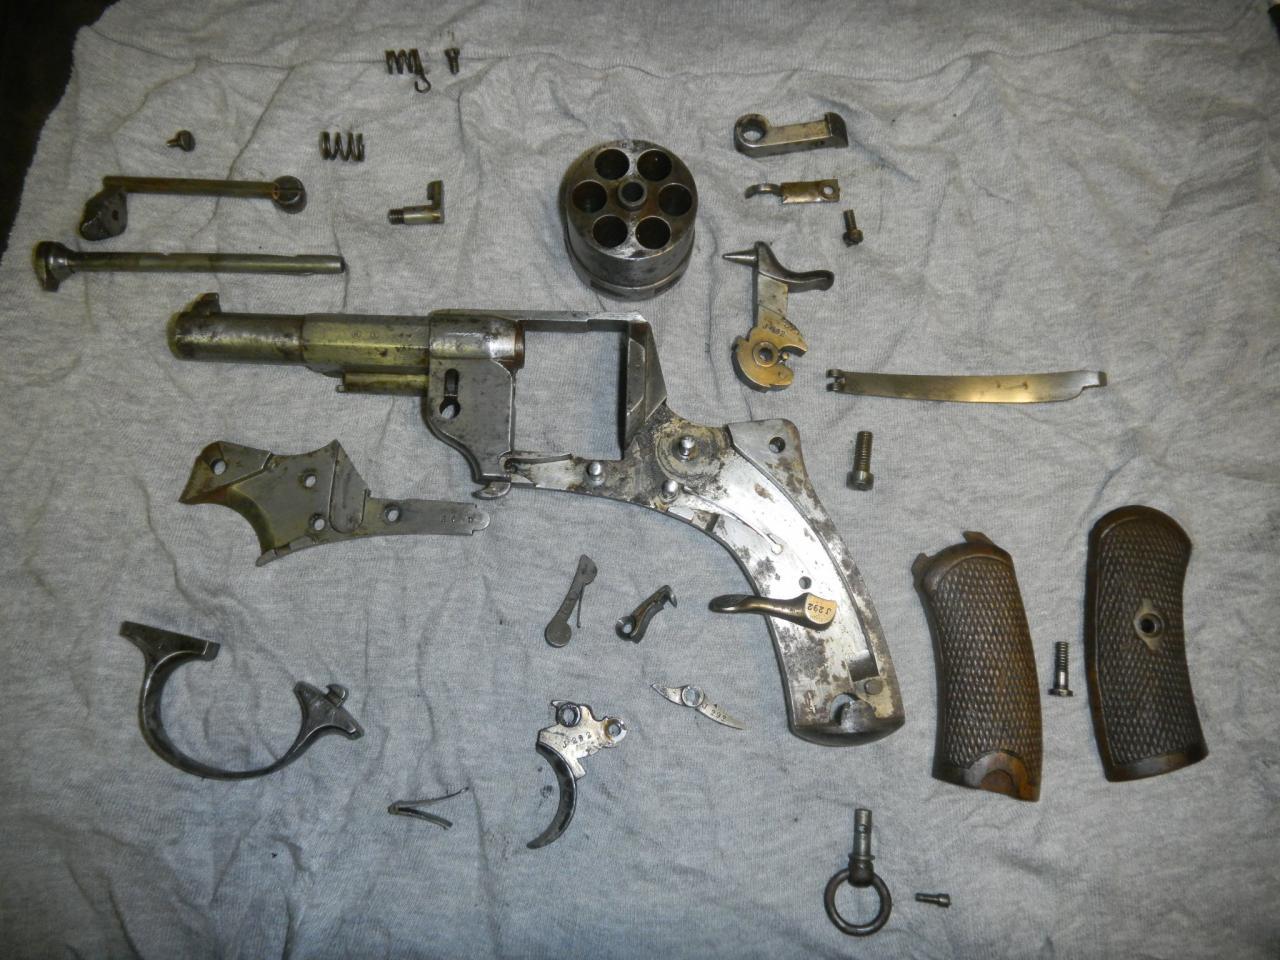 Démontage complet,nettoyage,polissage et jaunissage de l'arme